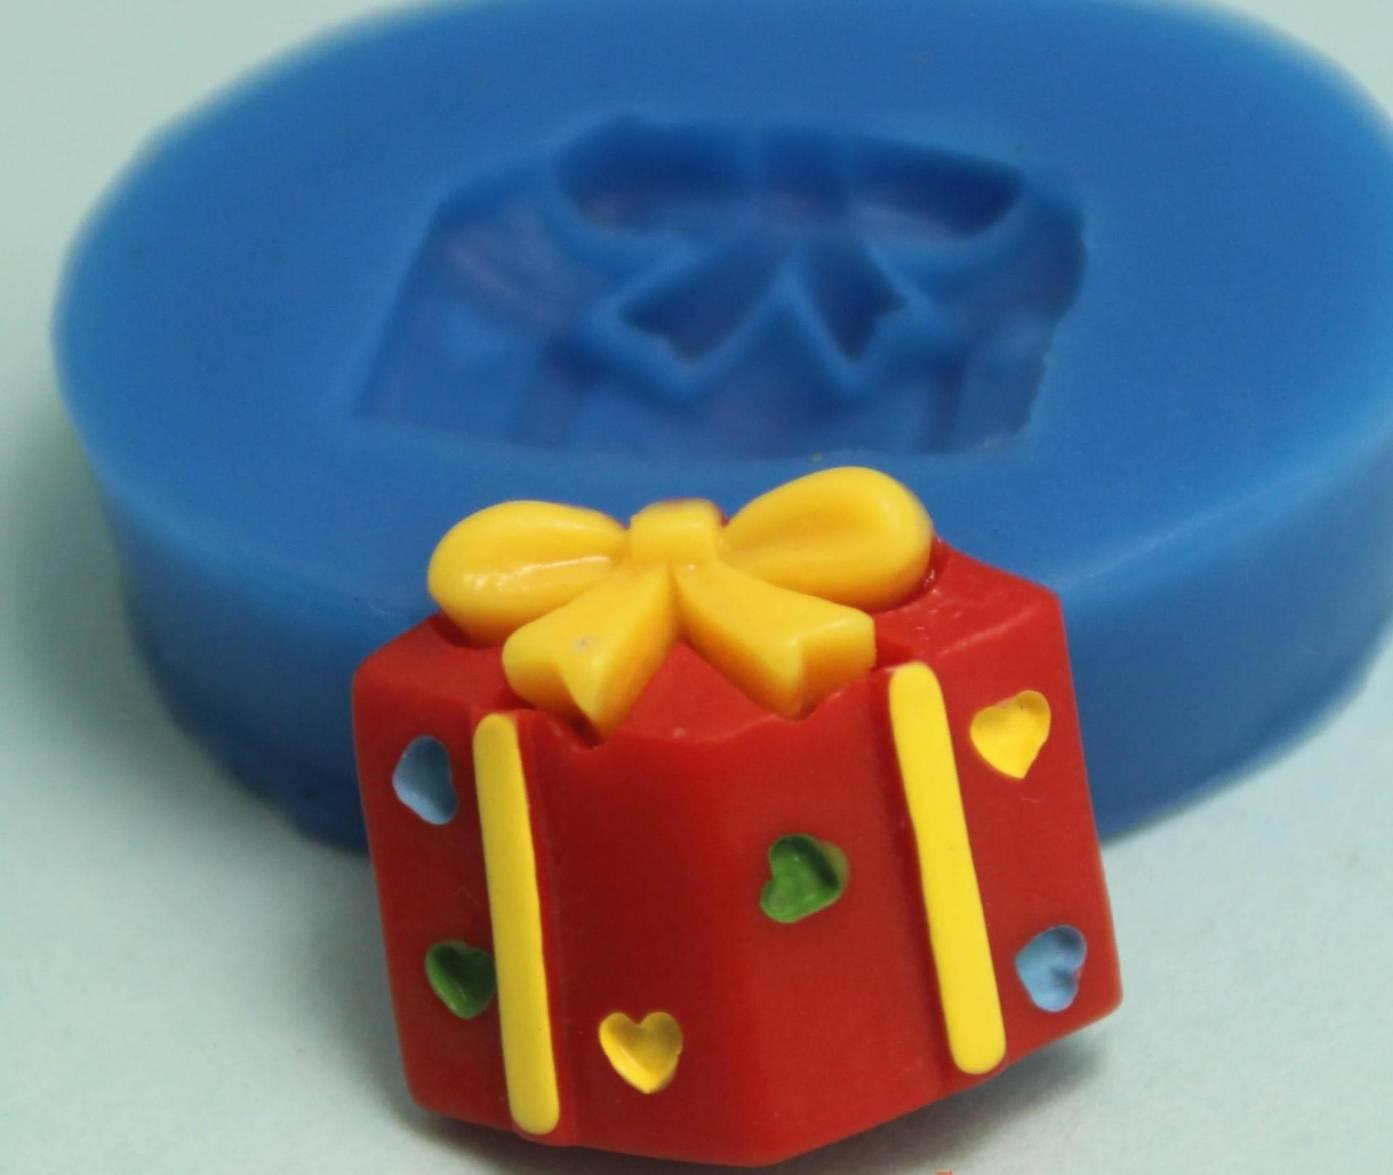 โมล พิมพ์ซิลิโคน รูปกล่องของขวัญ (พิมพ์ 2 มิติ)